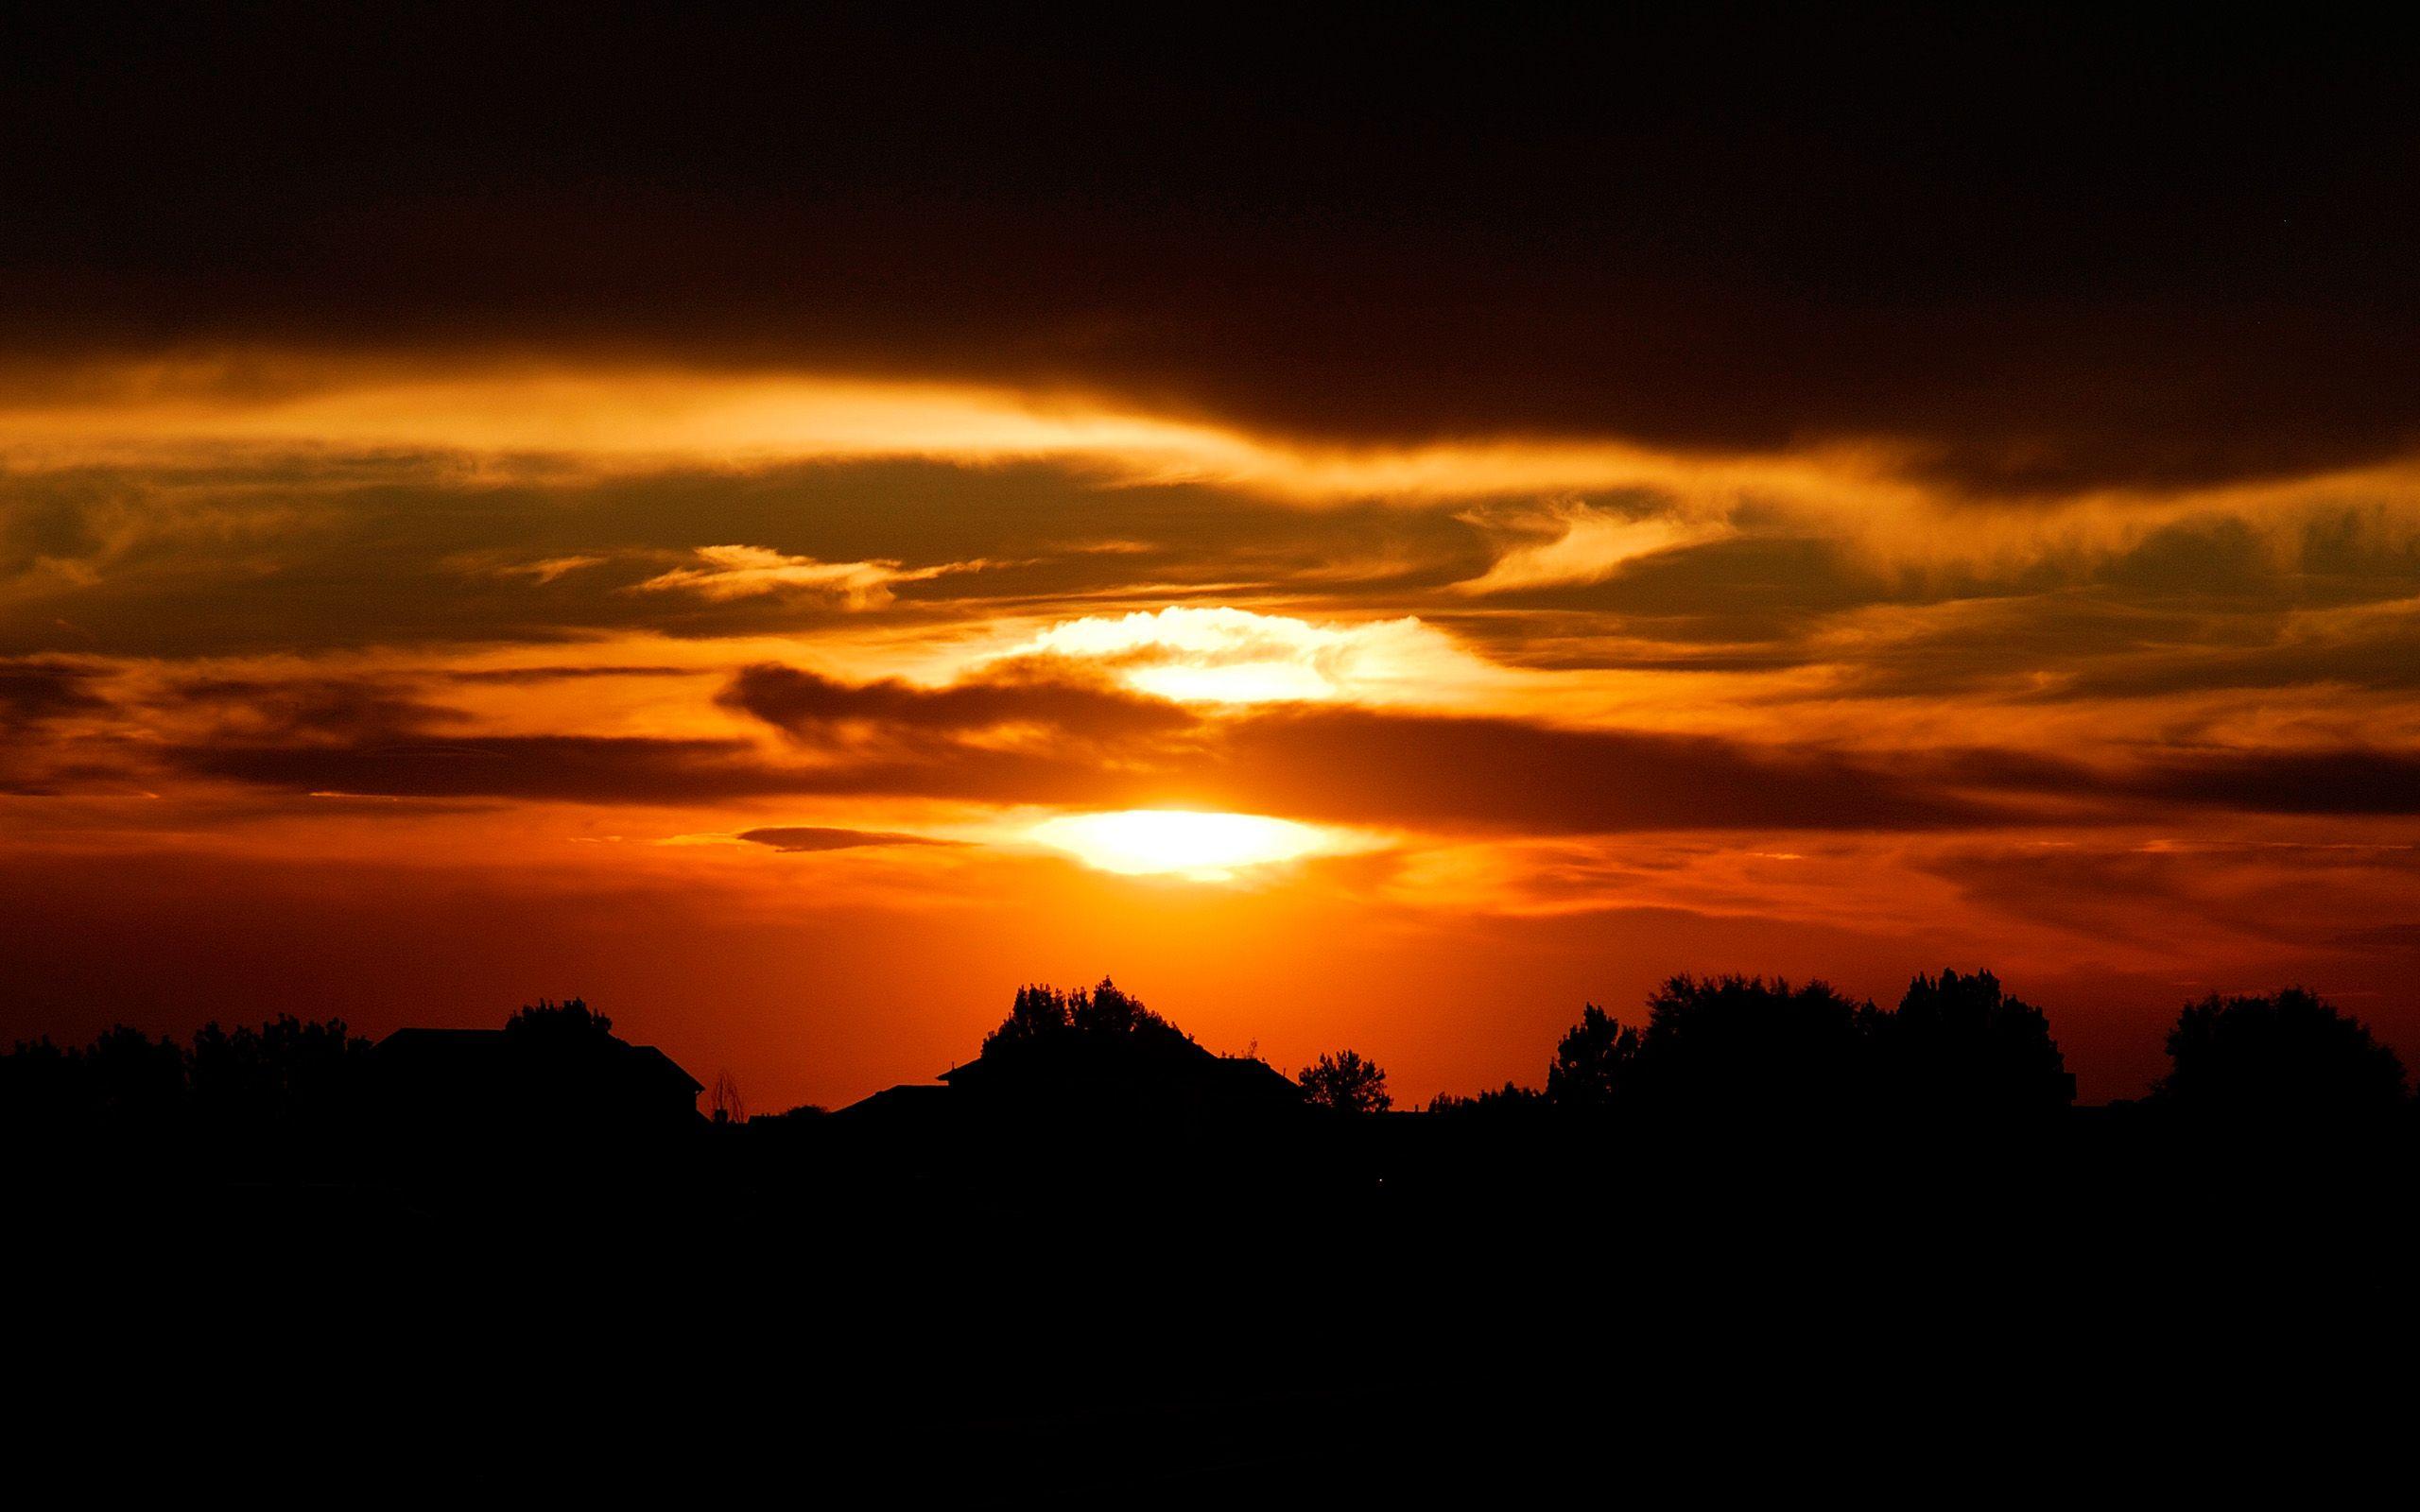 Sunset Silhouette Wallpaper Matahari Terbenam Wallpaper Yang Indah Gambar Awan